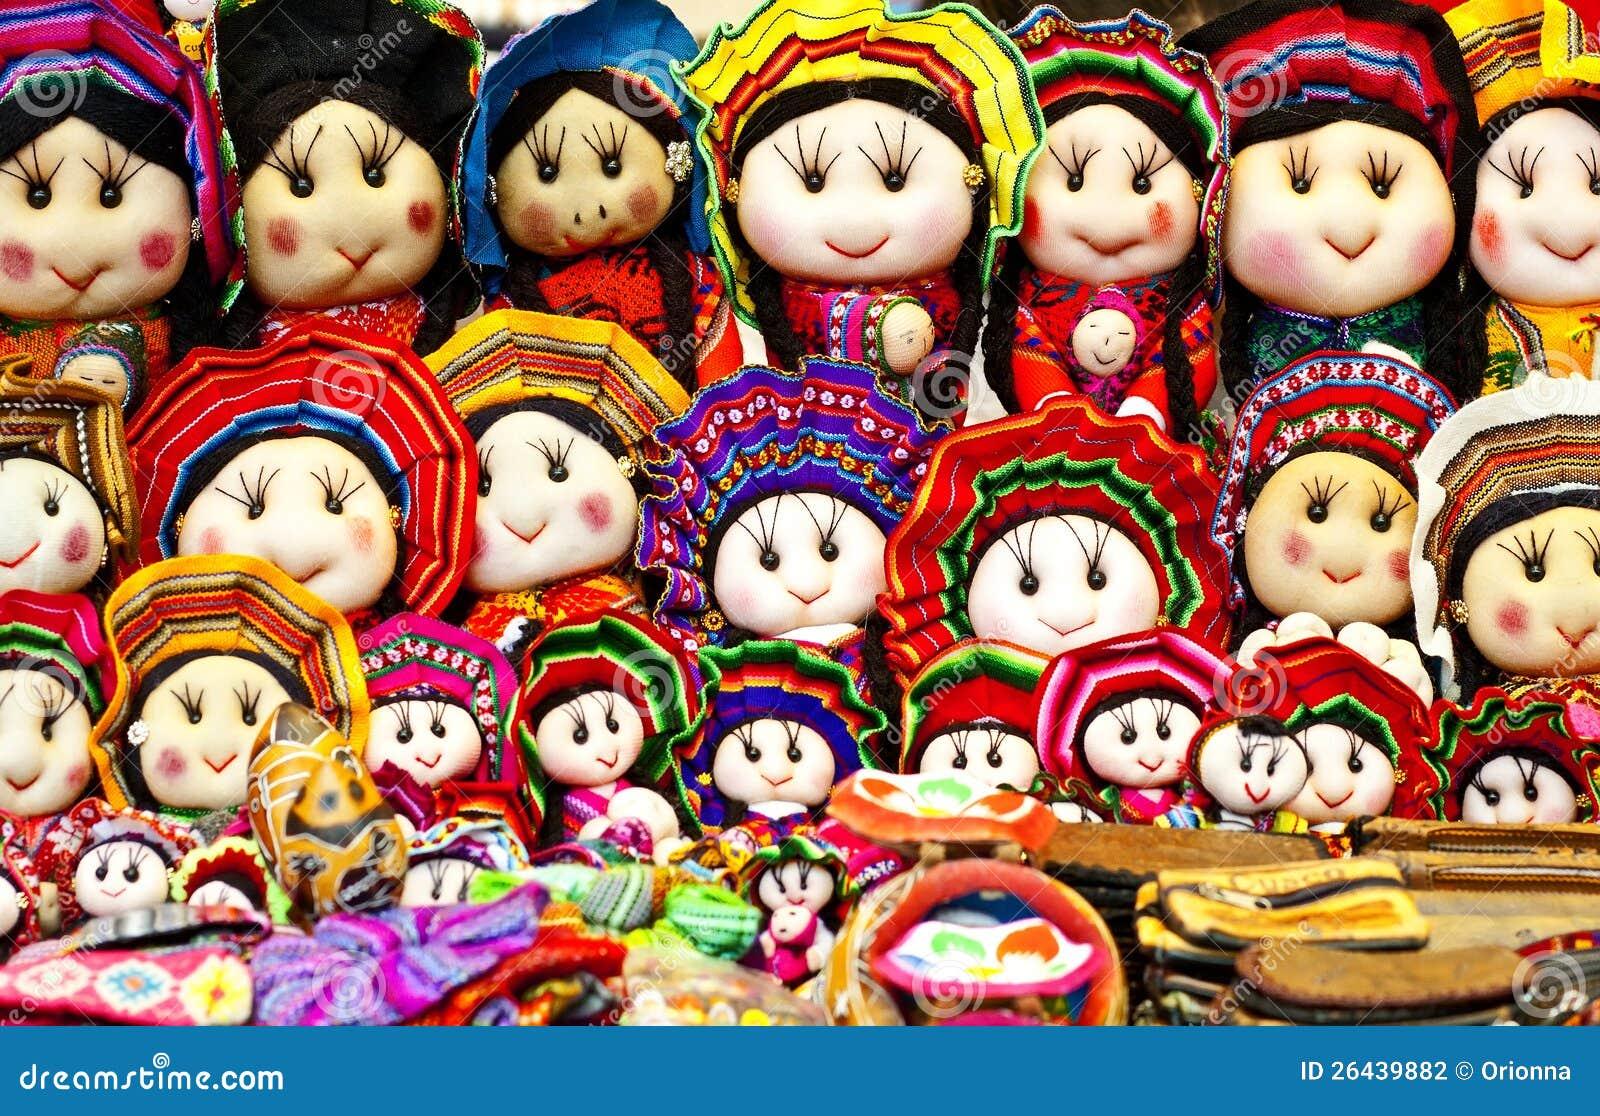 Ручной работы перуанские куклы, Cuzco, Перу